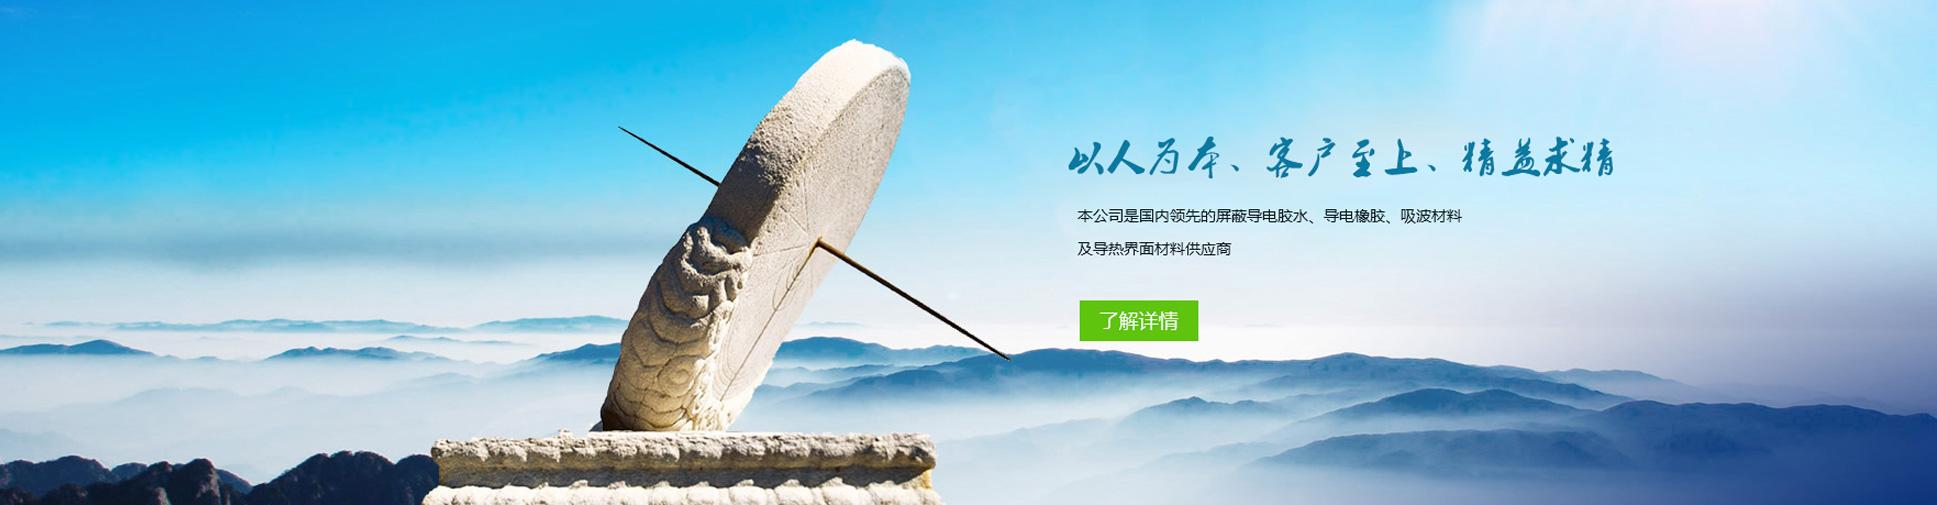 """""""党建+""""为老百姓加出了什么河南电梯理刷卡系统介绍"""